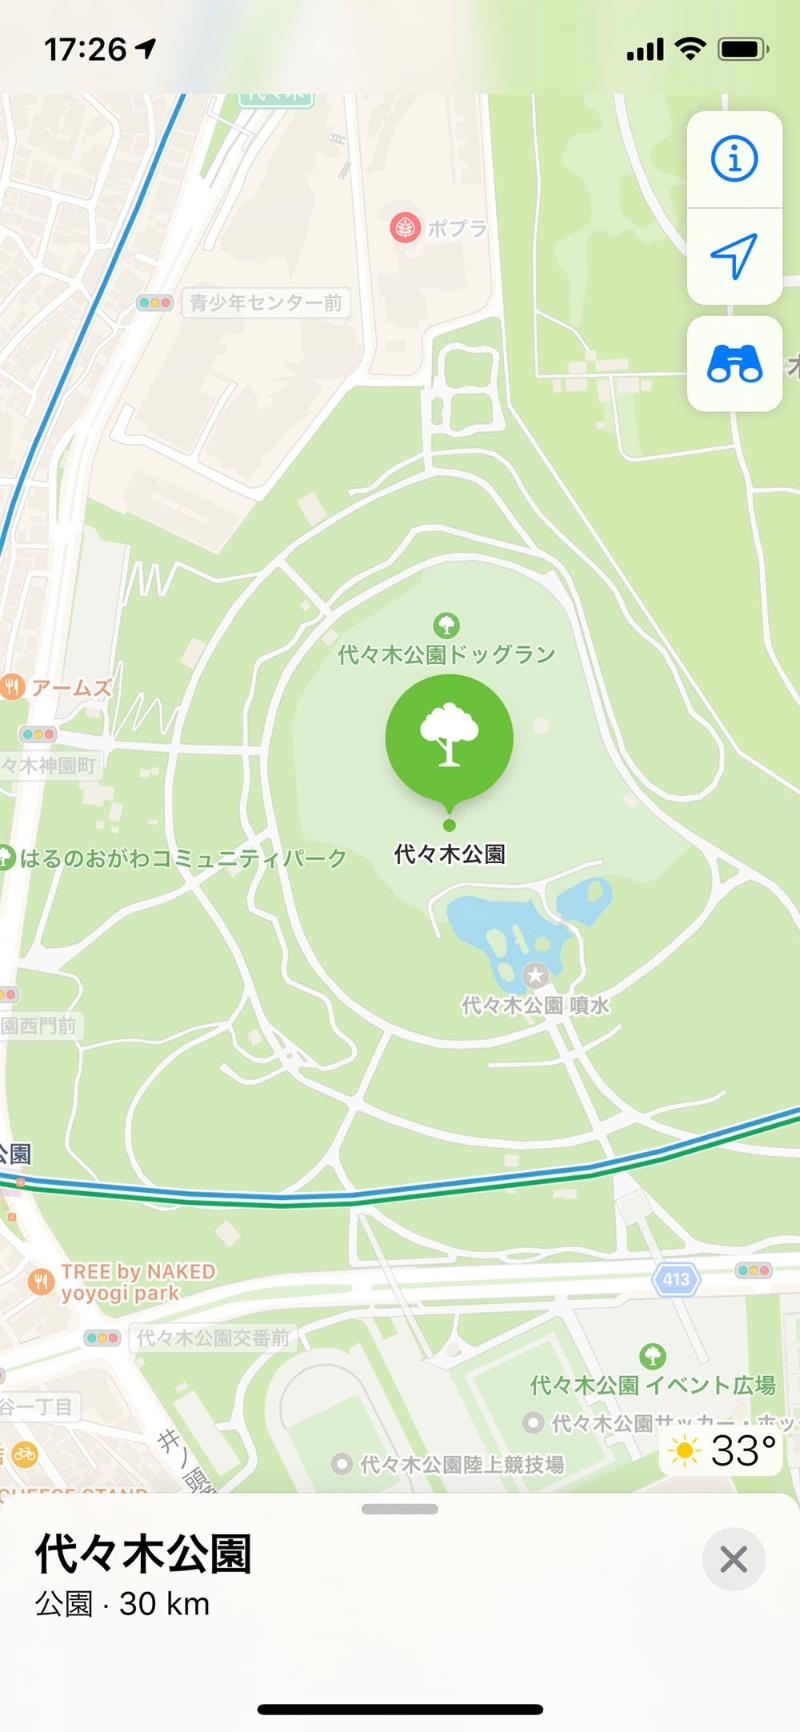 地図 コロナ アプリ 感染